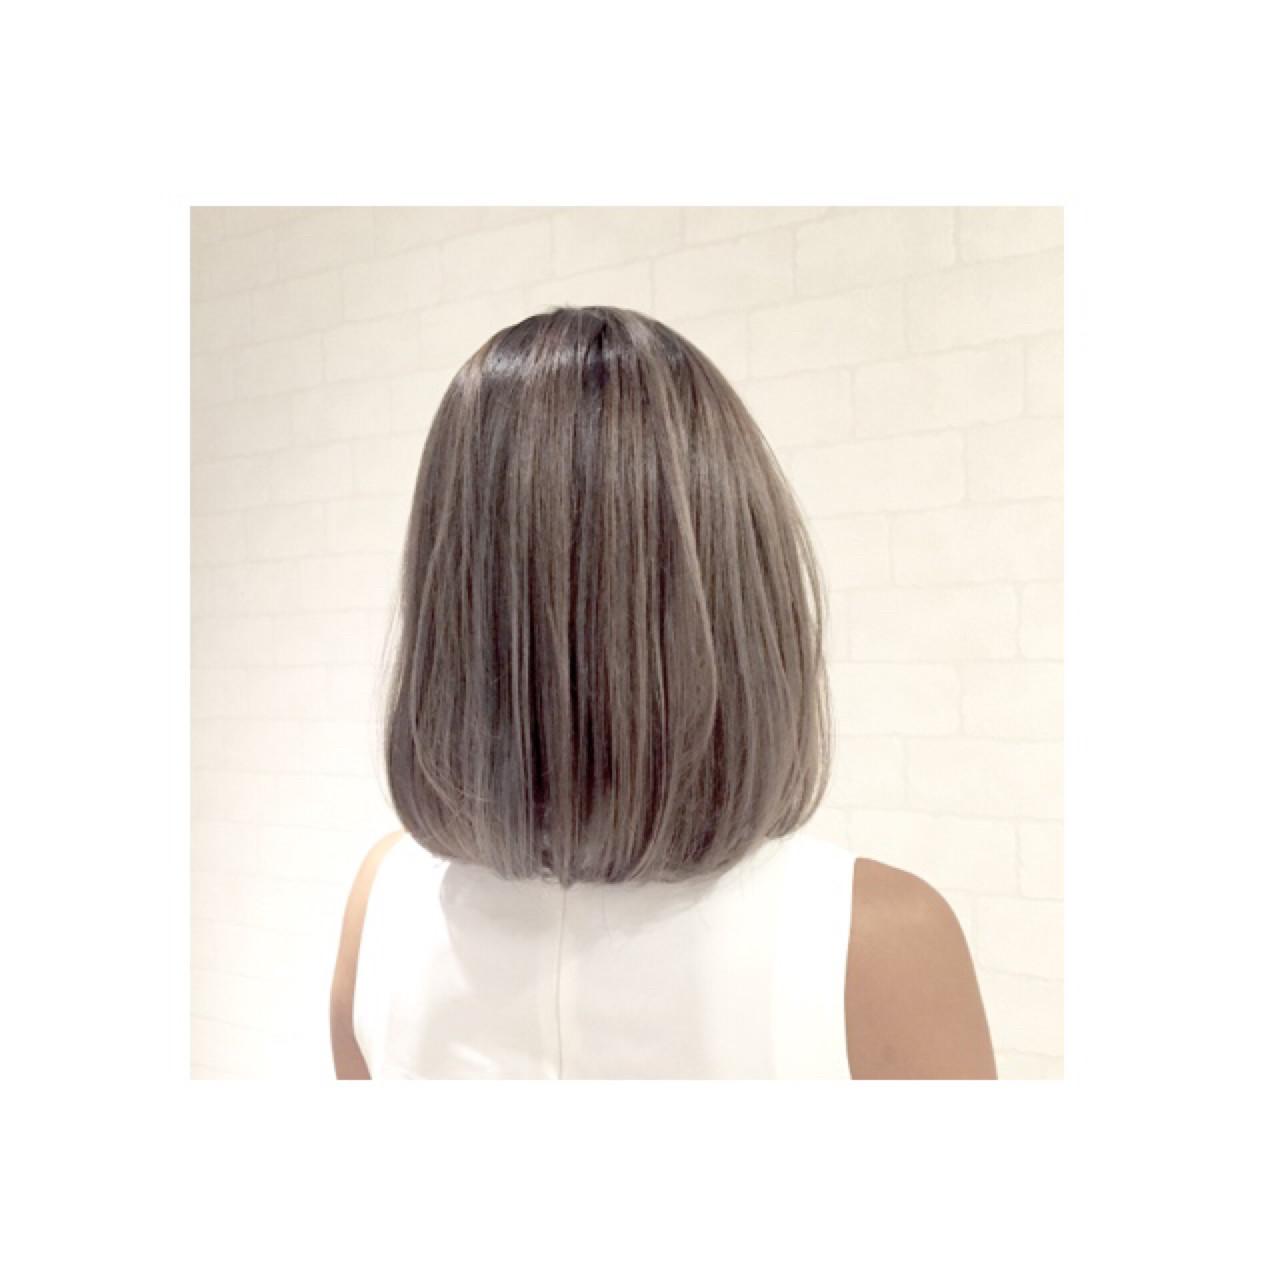 渋谷系 ボブ ハイライト ストリート ヘアスタイルや髪型の写真・画像 | AKI / park by merry / park by merry